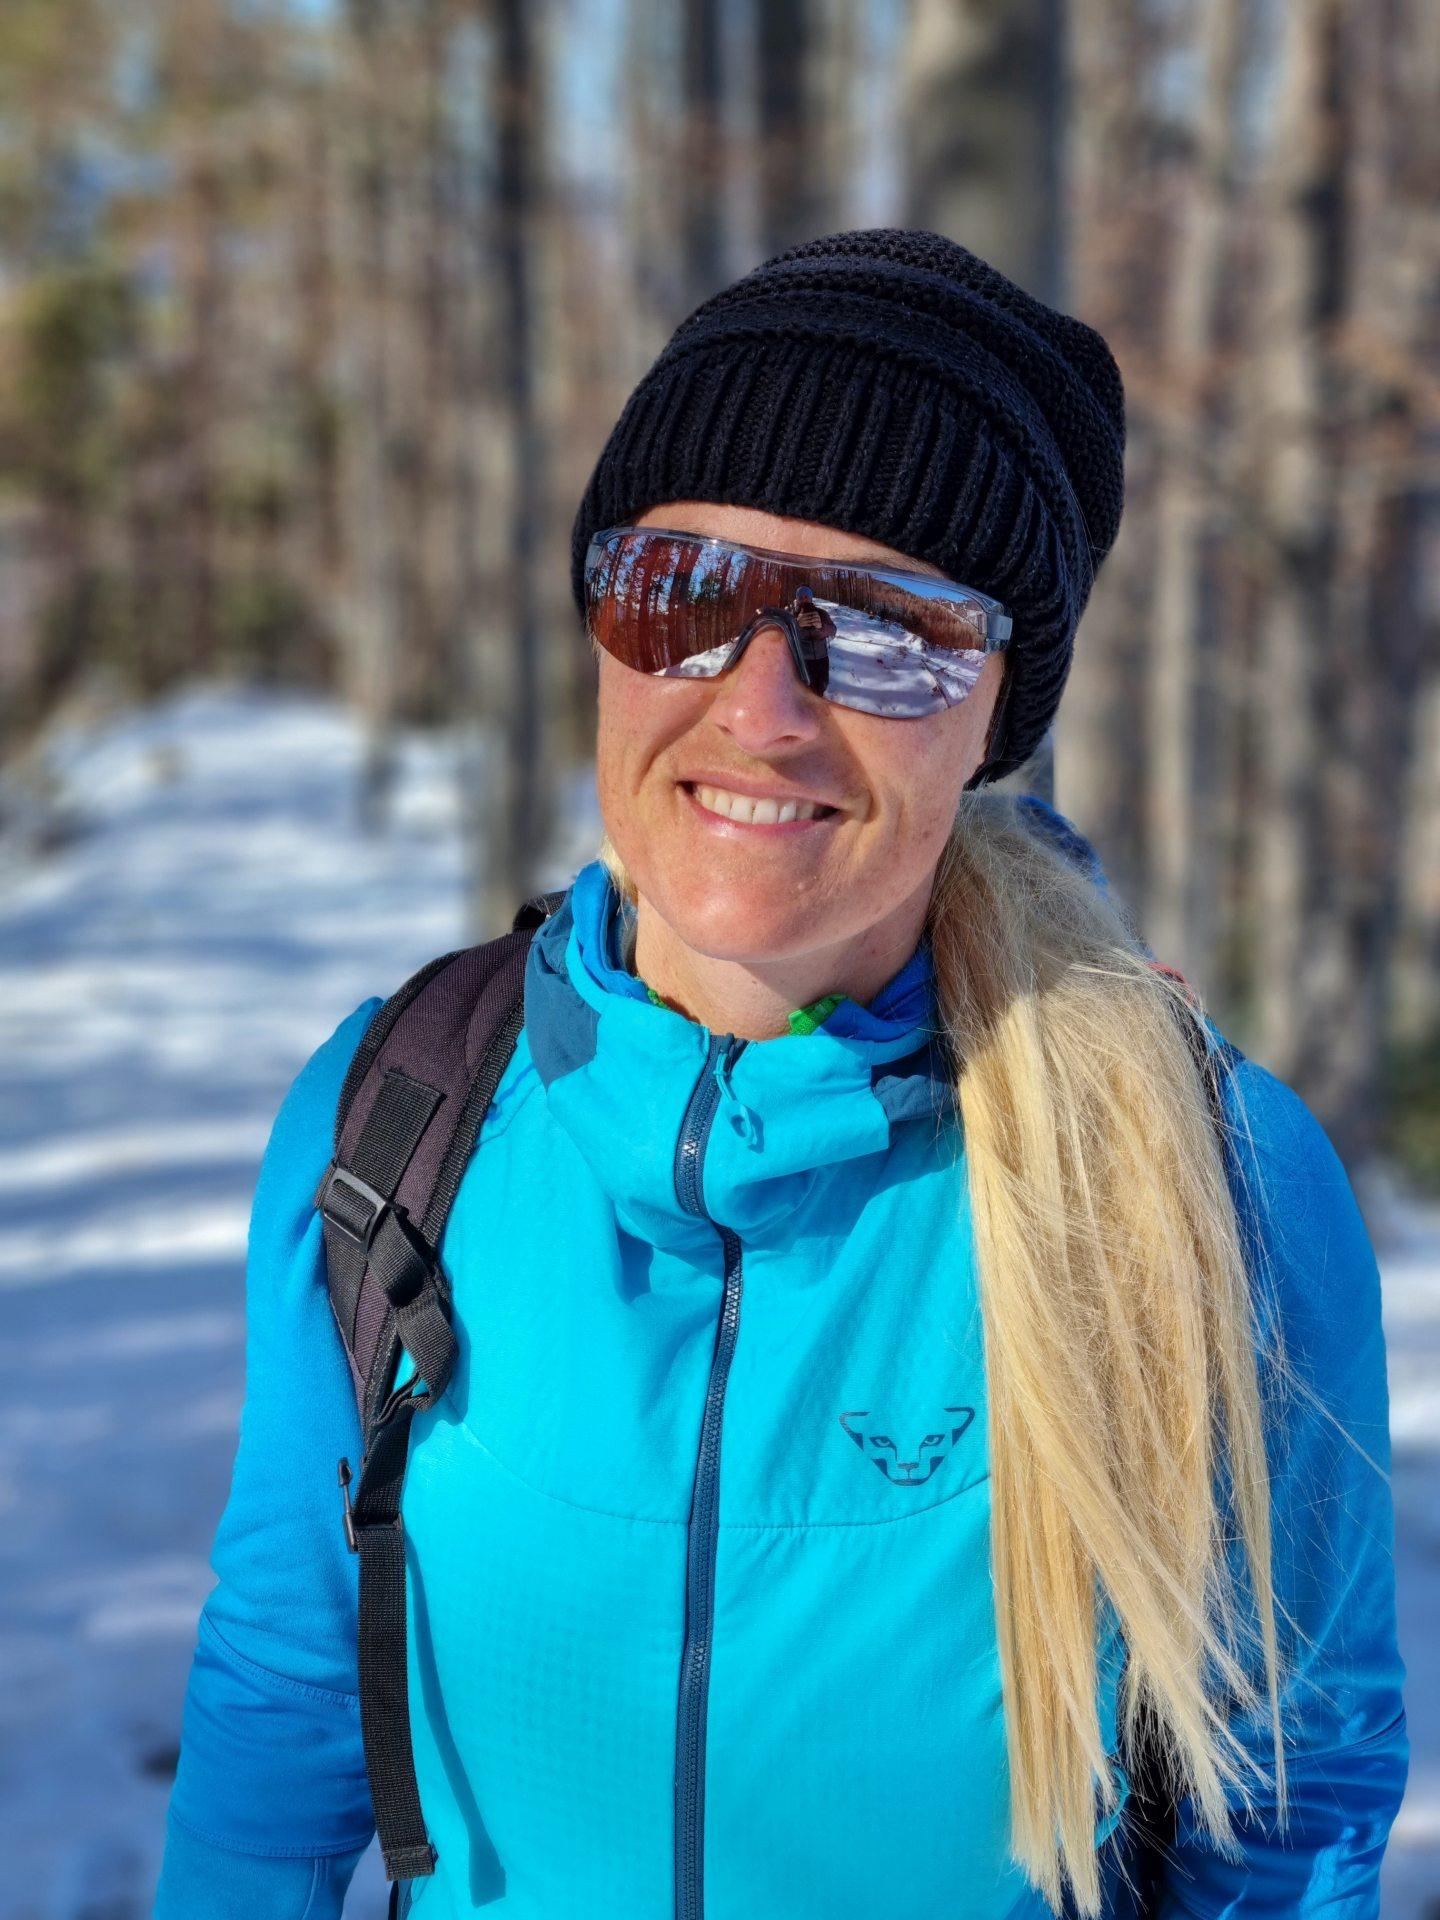 Schnee macht das Lächeln schee! - Dynafit, Personen, Portrait, Porträt, Ramsau, Schnee, Unterberg - HOFBAUER-HOFMANN Sofia - (Adamsthal, Kieneck, Niederösterreich, Österreich)